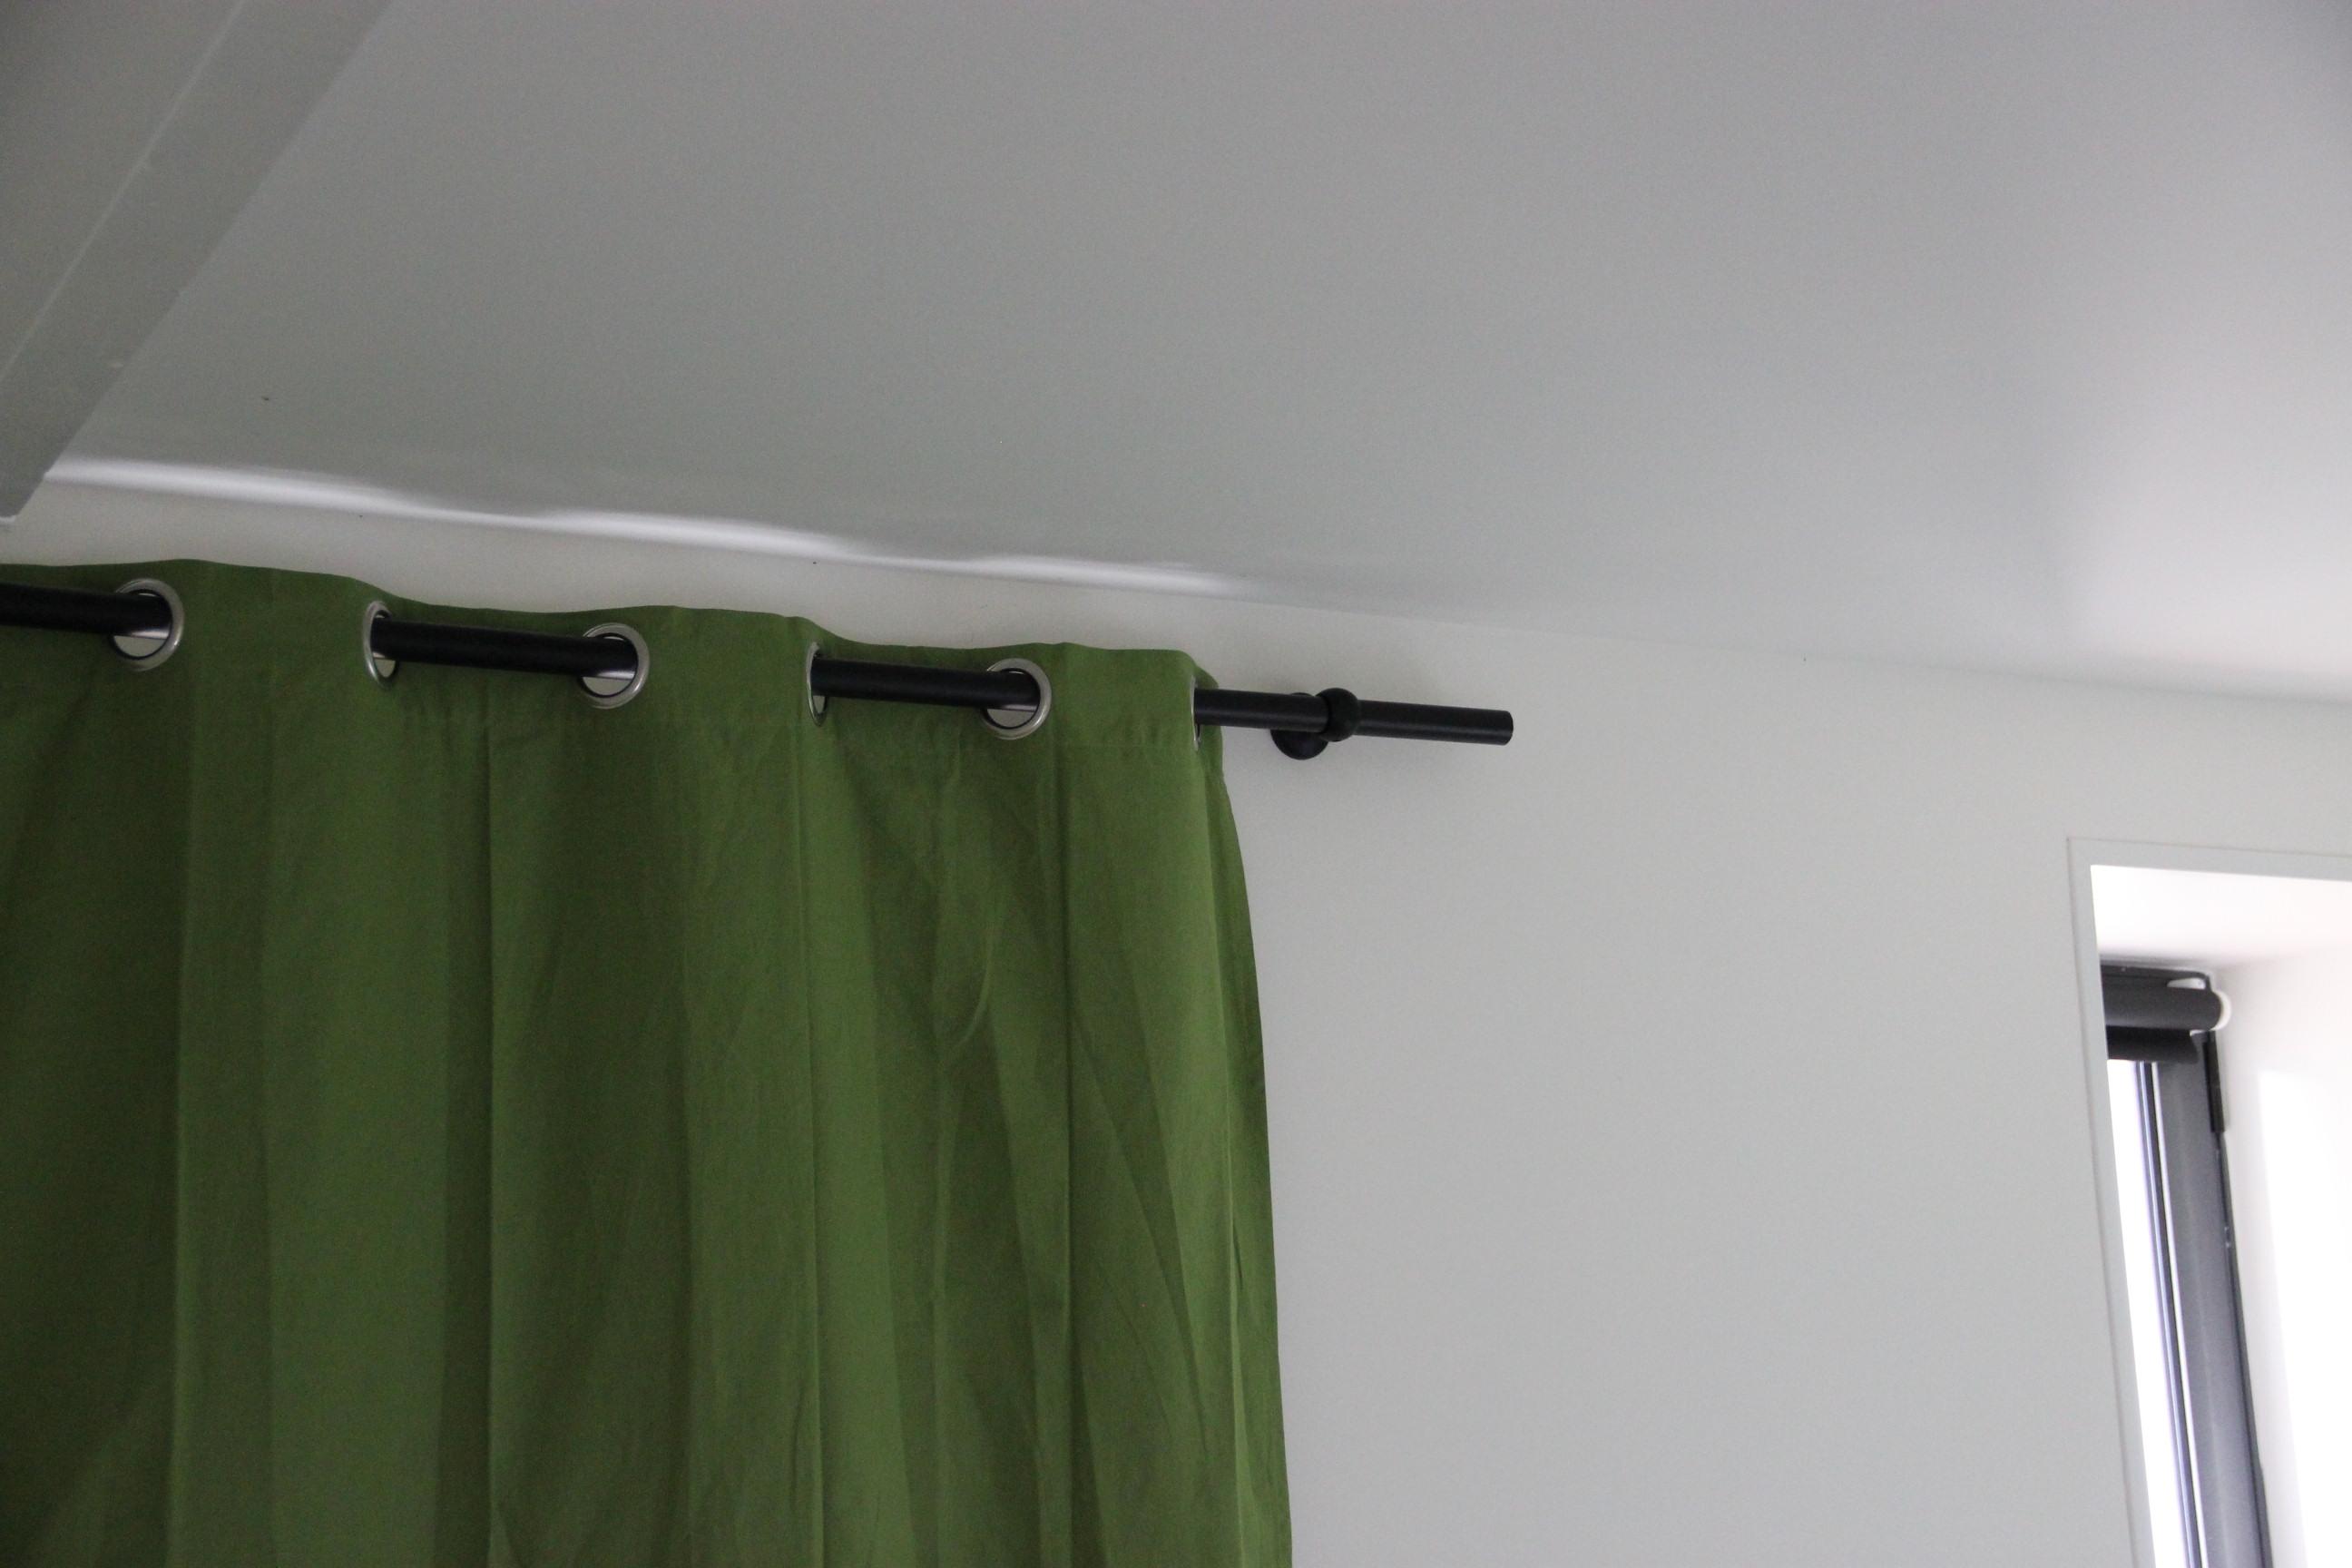 rideaux pour petite fenetre chambre koudeco pcpaquet rideau voilage raffrollo en voile uni. Black Bedroom Furniture Sets. Home Design Ideas